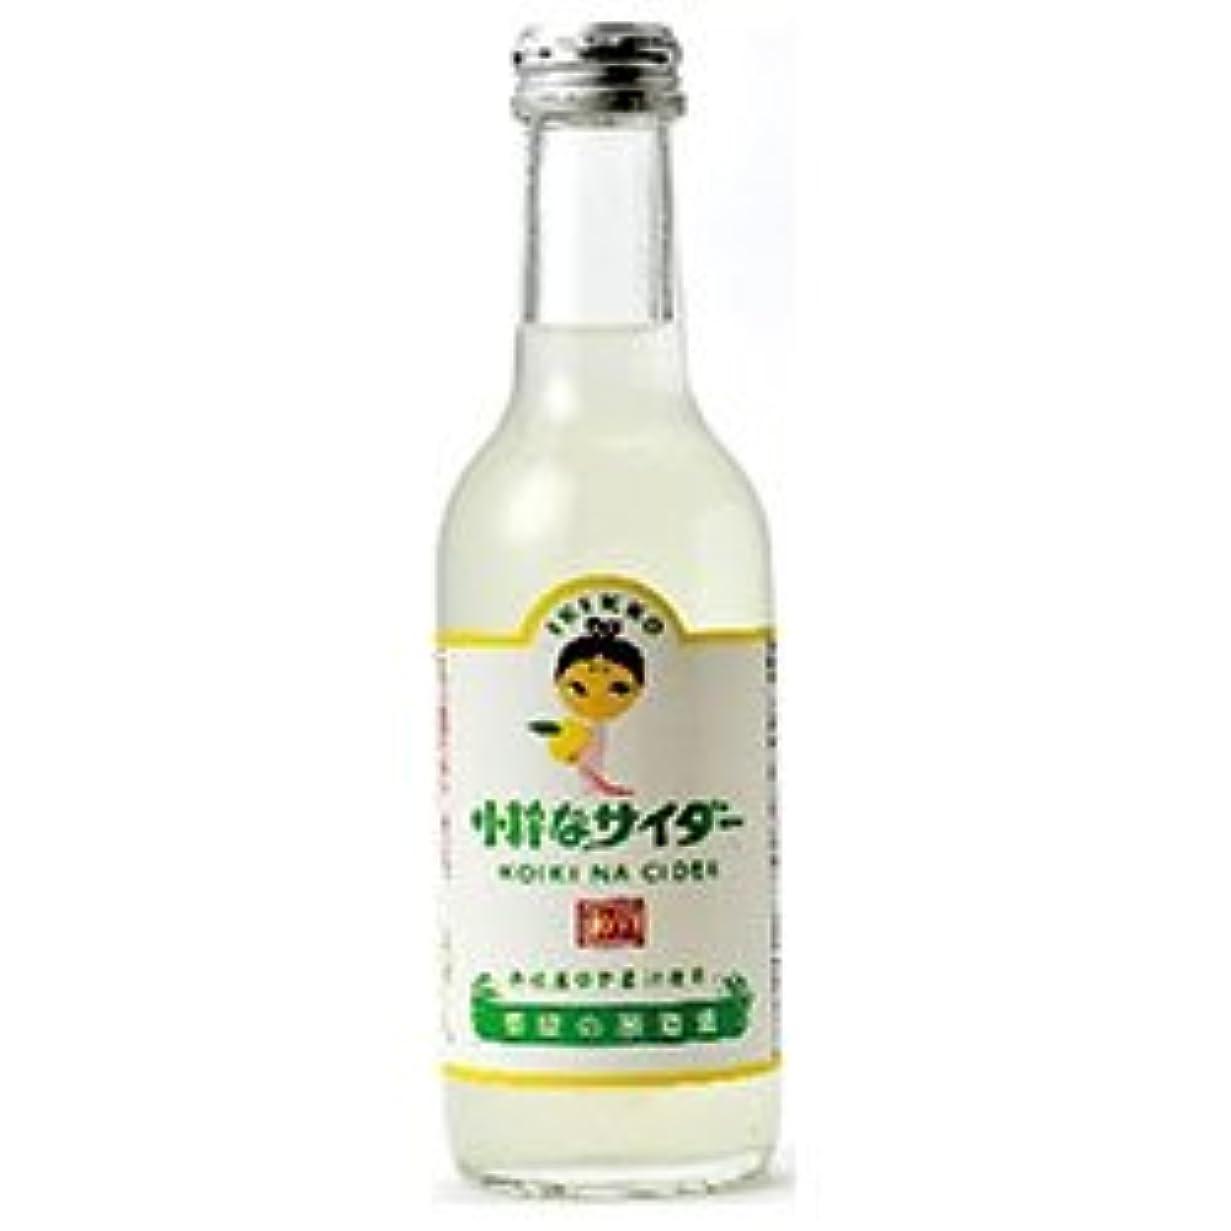 ストッキング省実証する友桝飲料 小粋なサイダー(ゆず) 245ml瓶×24本入